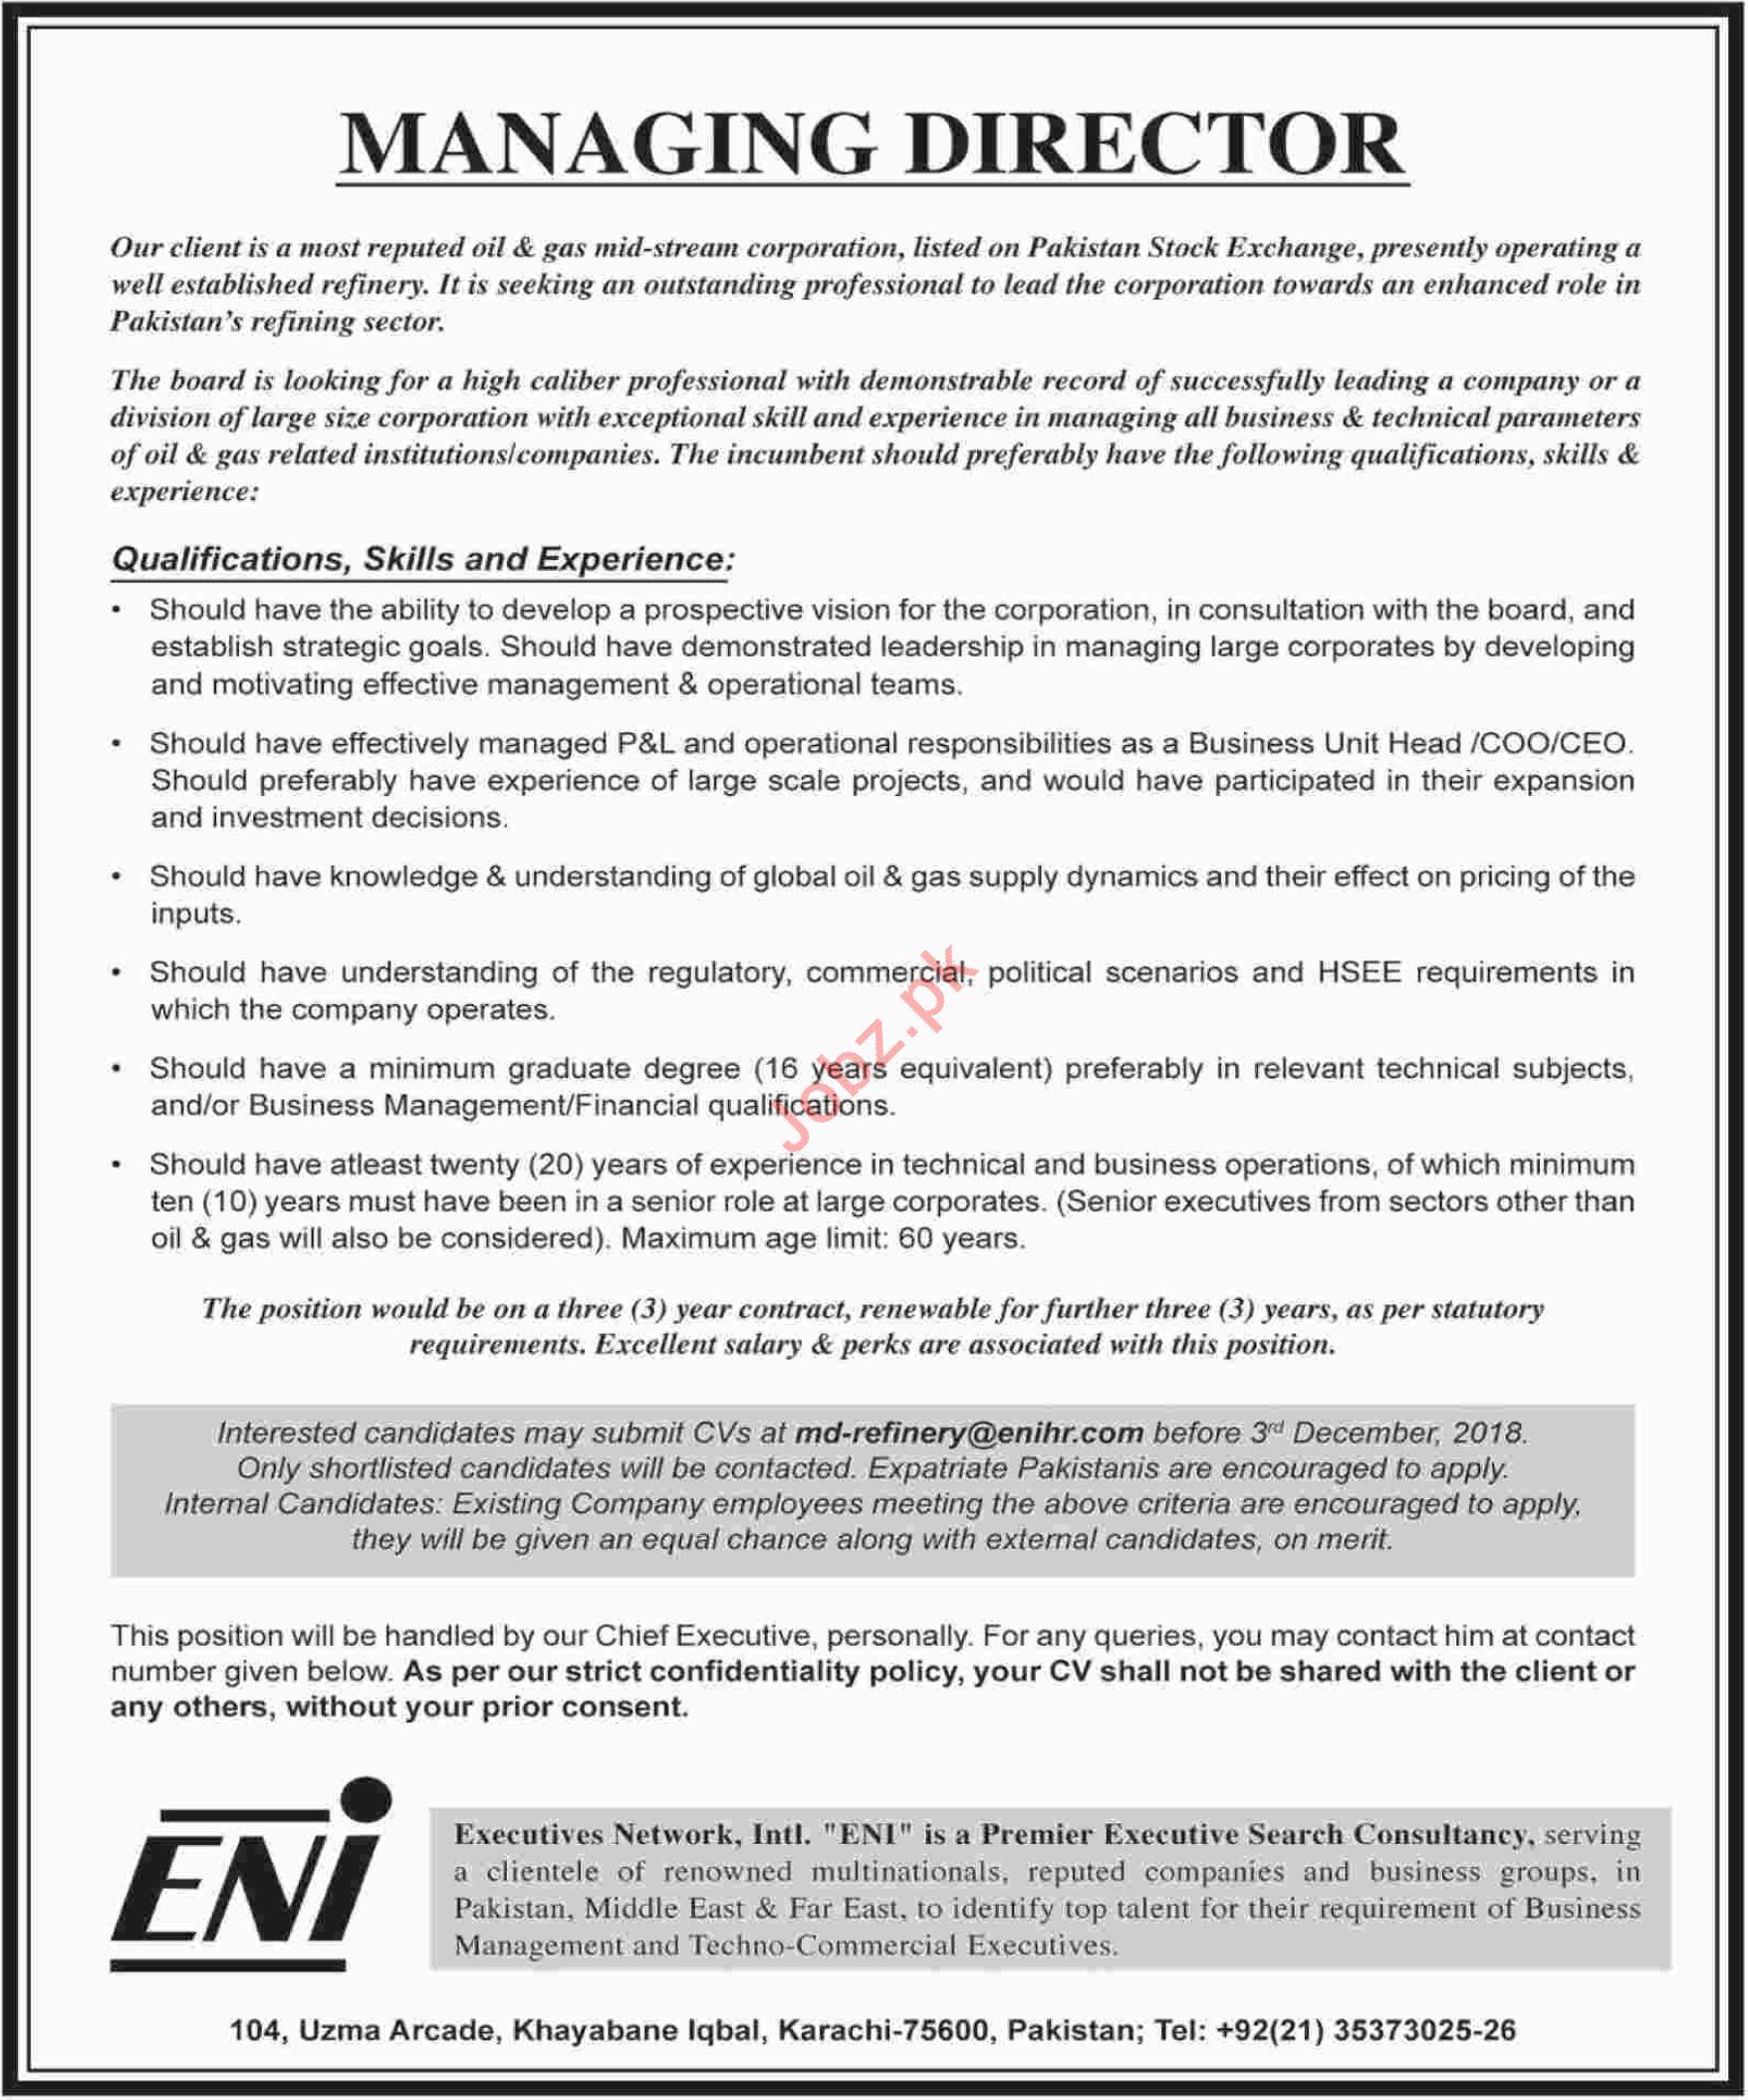 Executives Network Intl Eni Managing Director Jobs 2019 Job